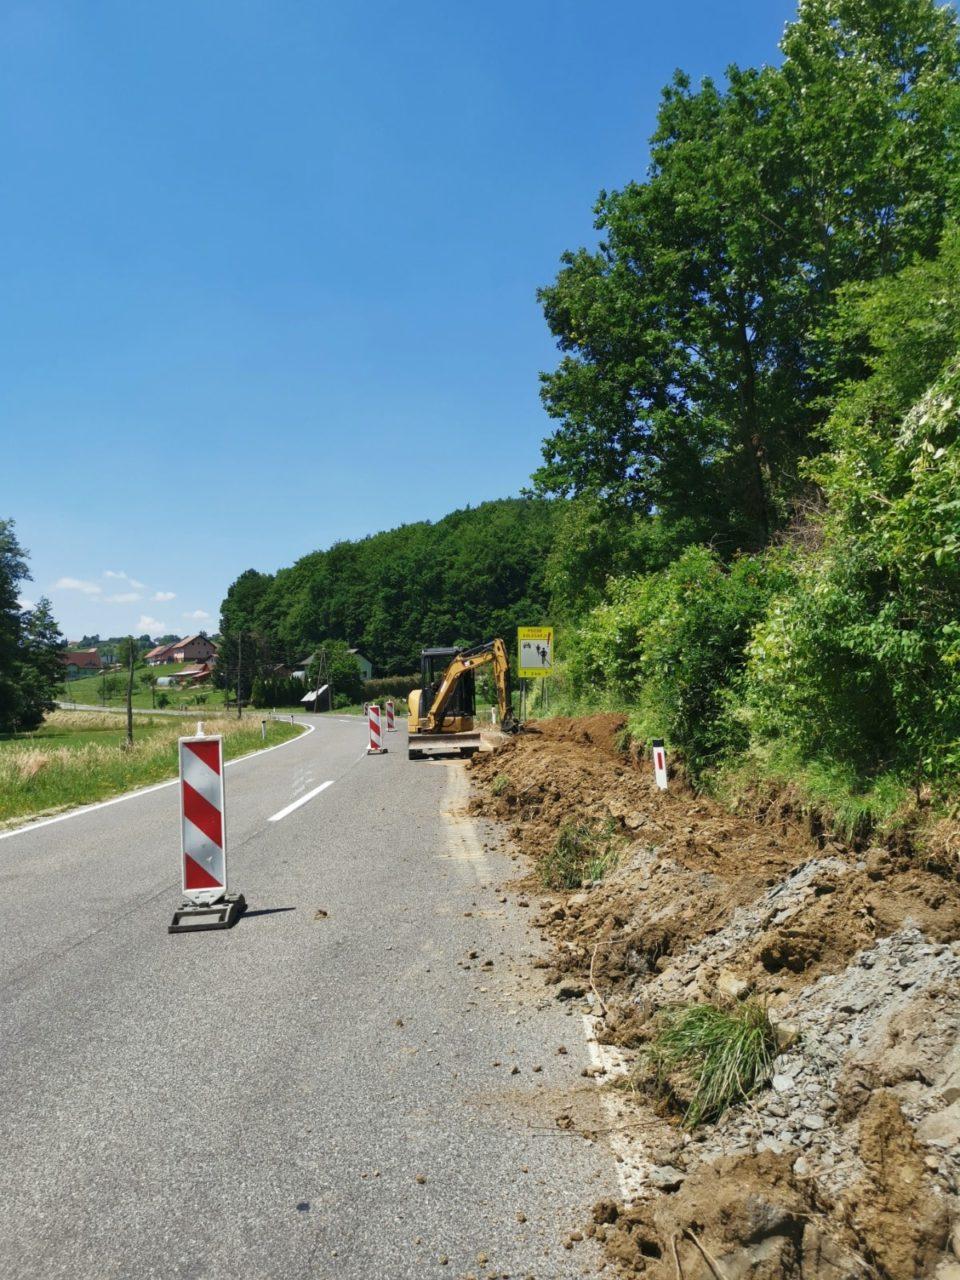 Novi kilometri trase omrežja RUNE v občini Šentilj